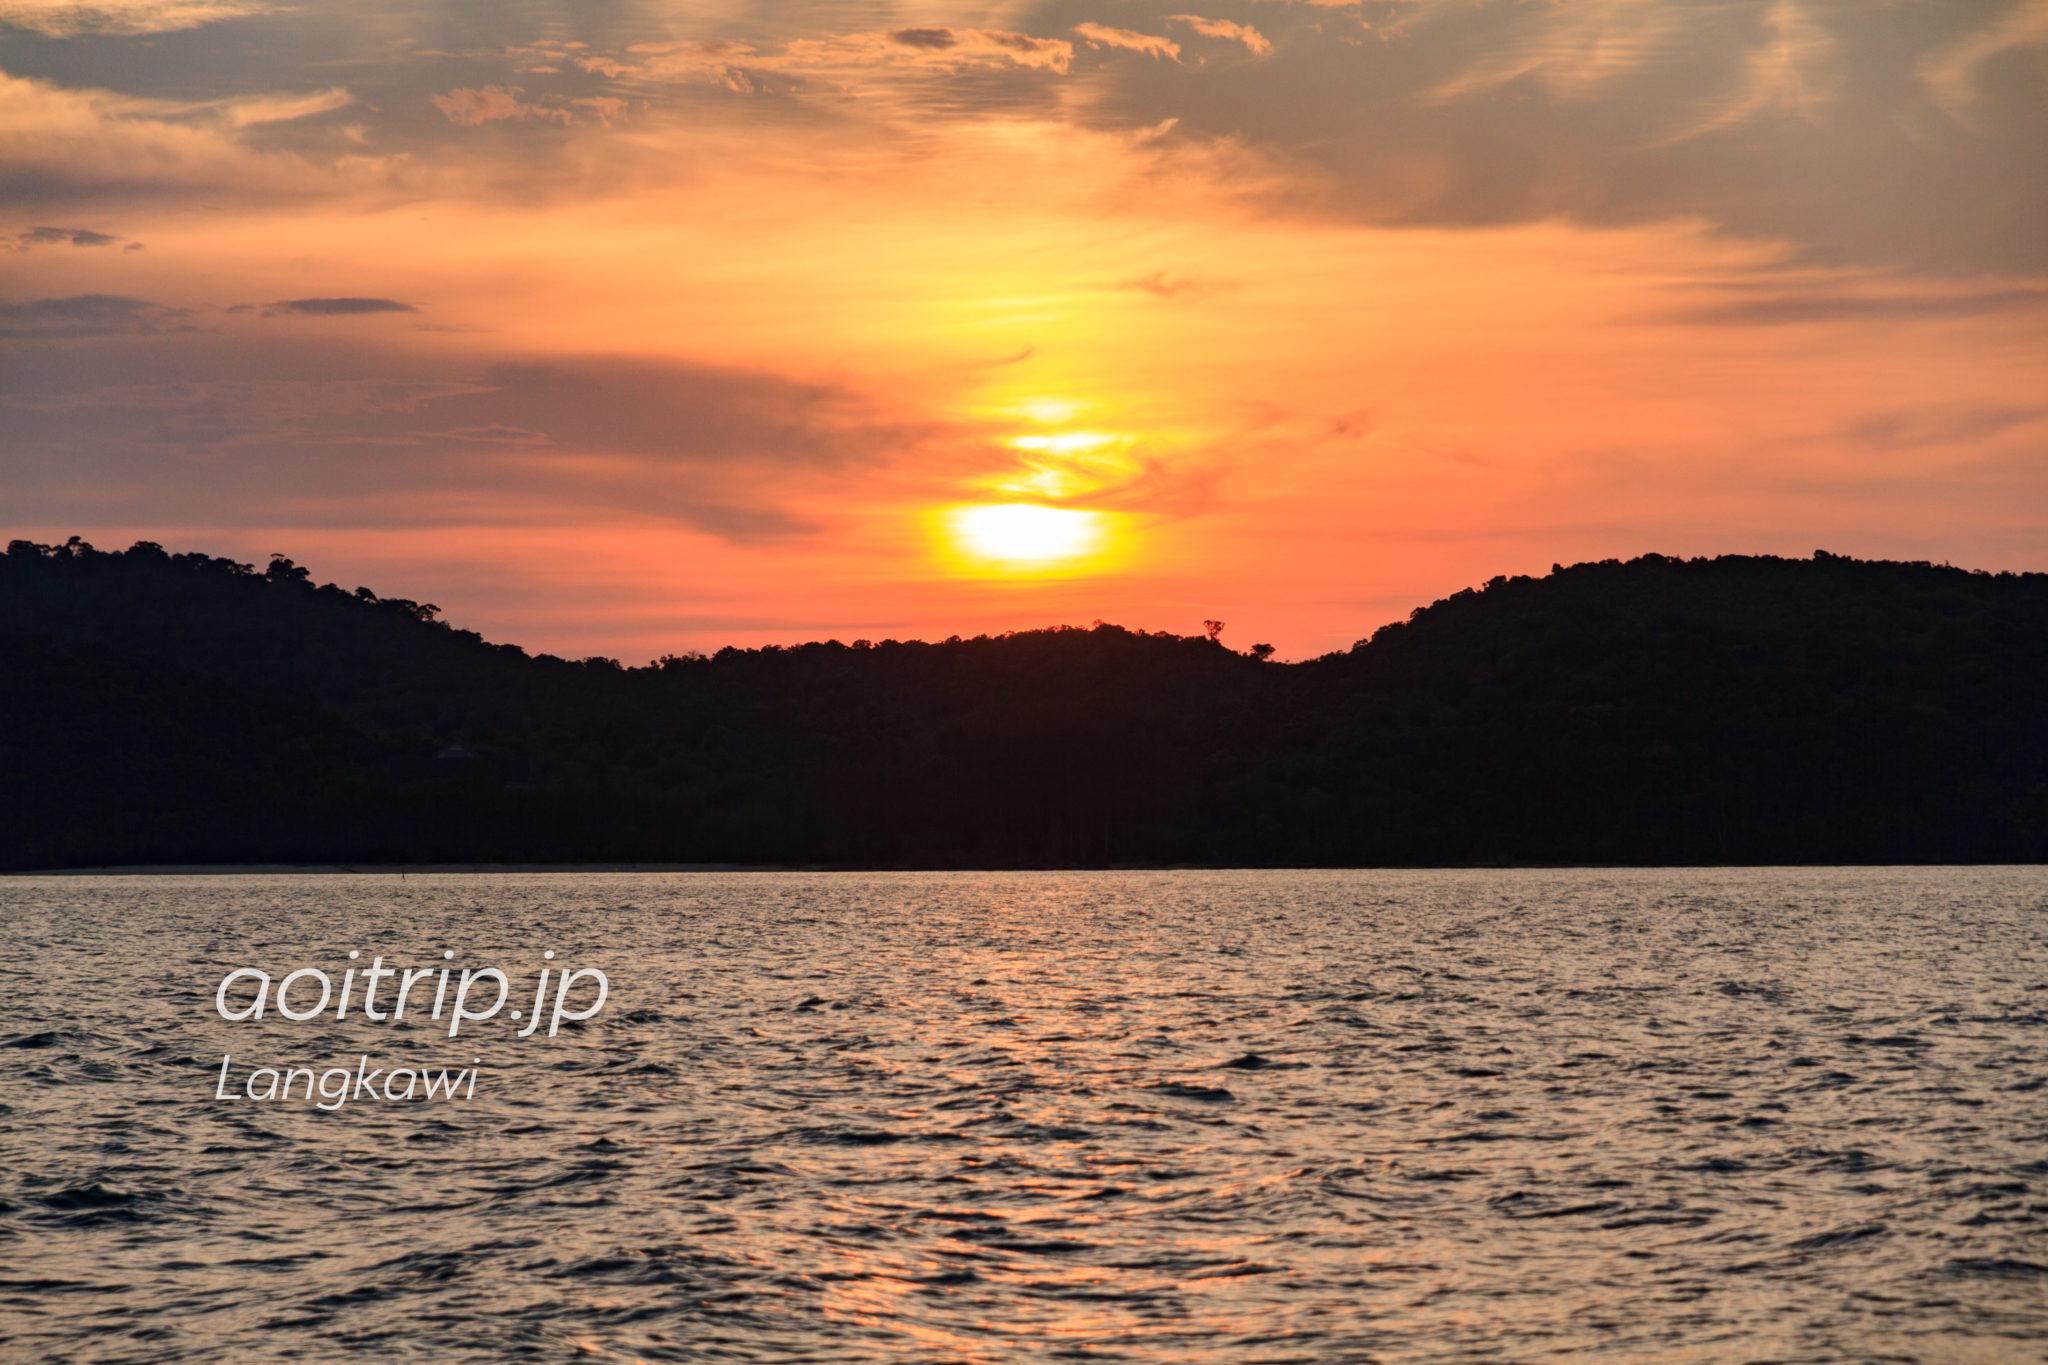 ランカウイ島の夕日